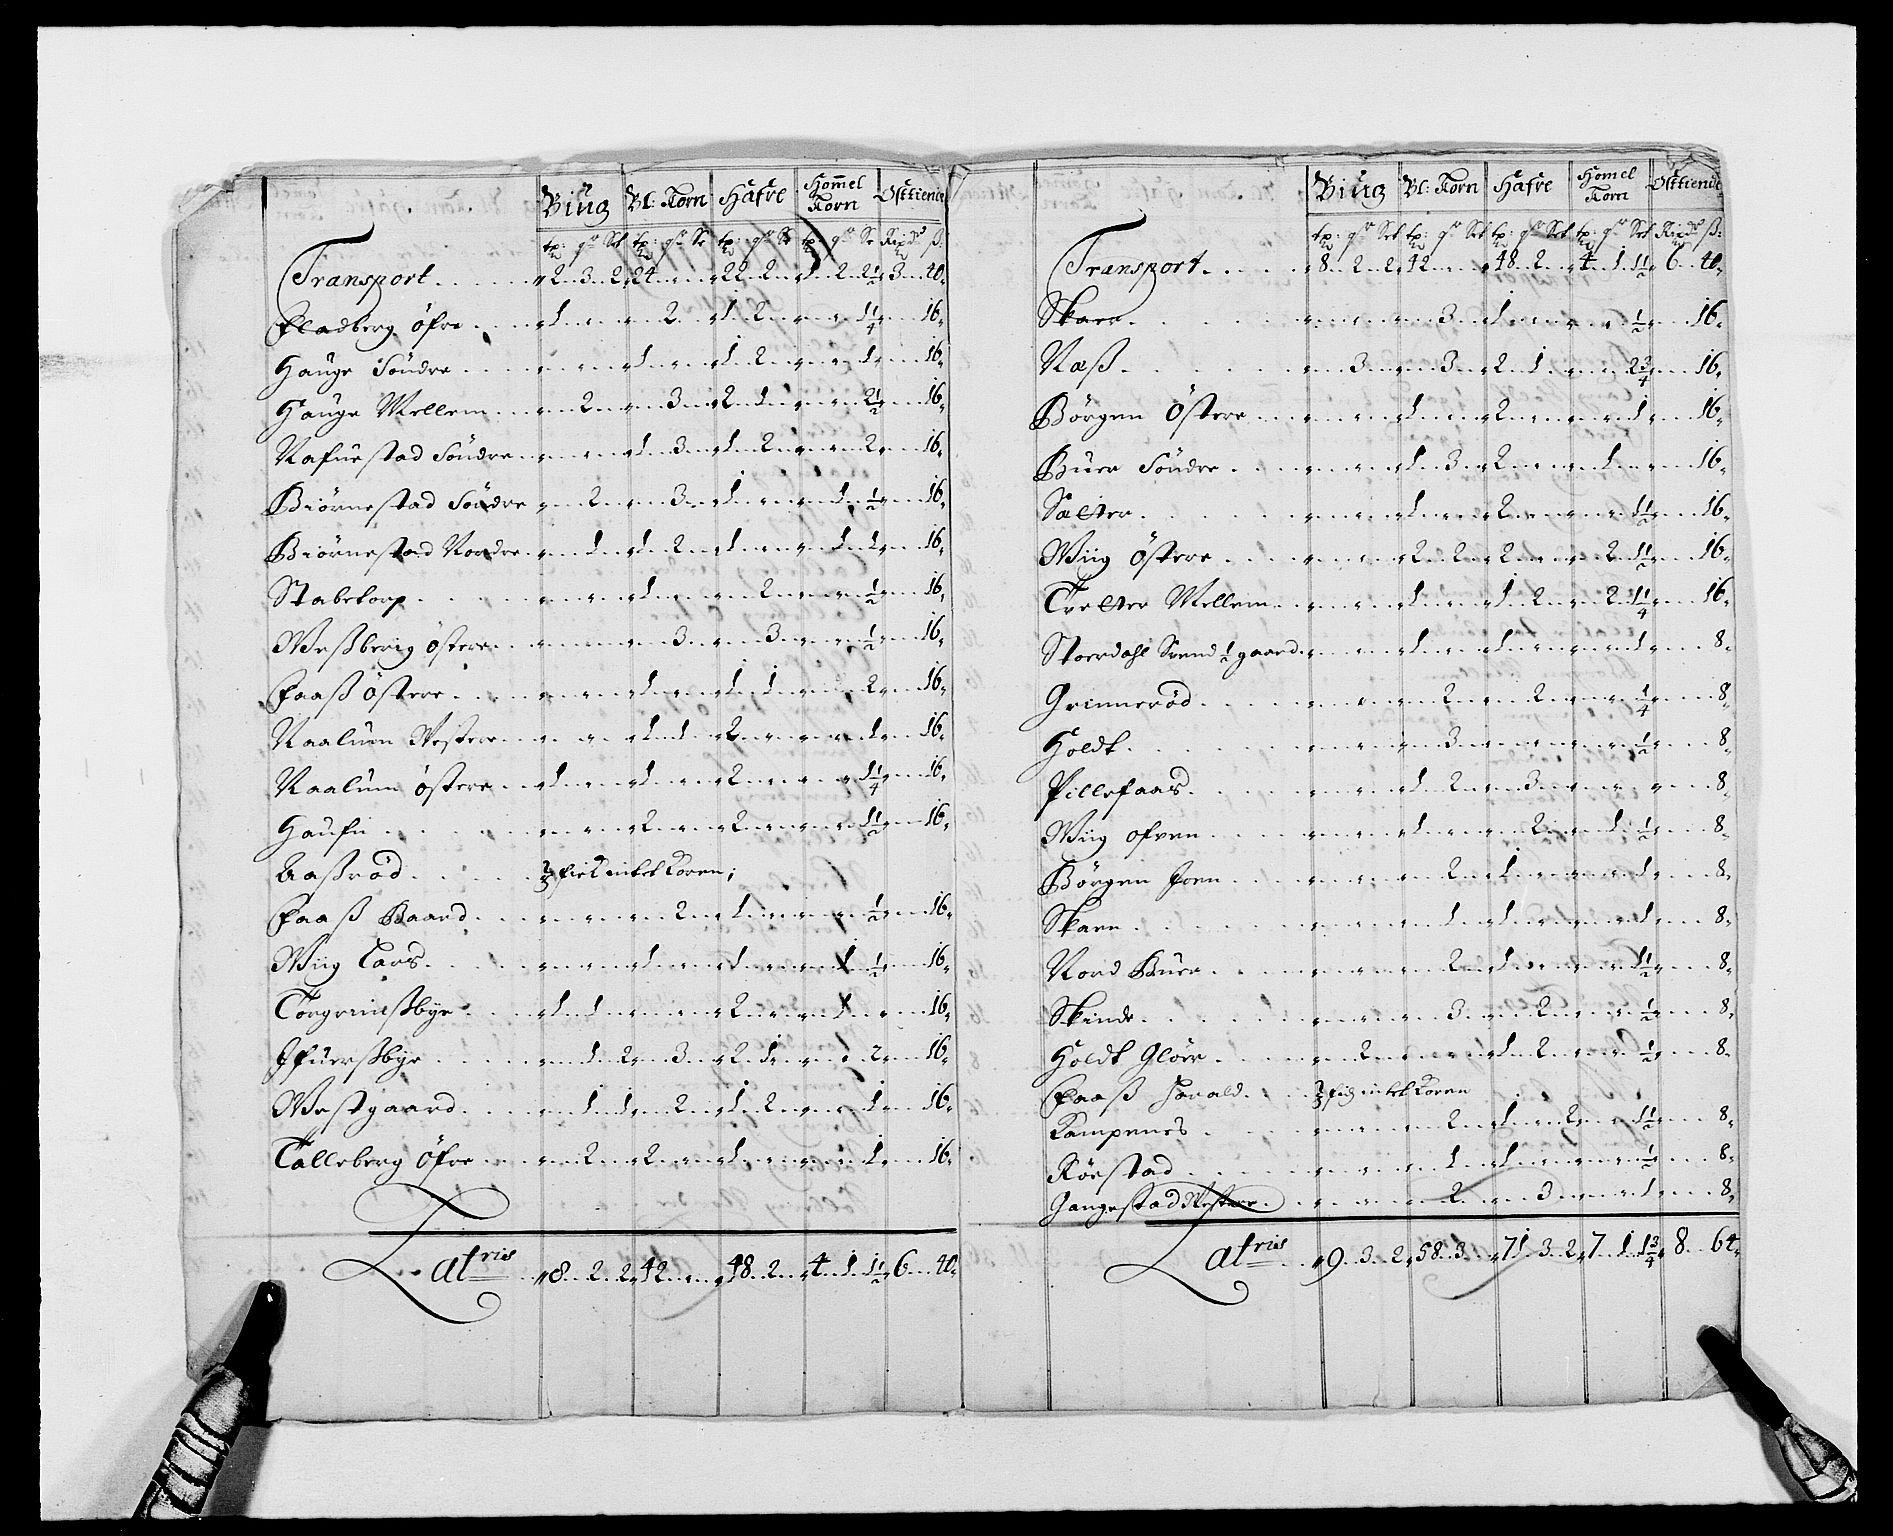 RA, Rentekammeret inntil 1814, Reviderte regnskaper, Fogderegnskap, R01/L0010: Fogderegnskap Idd og Marker, 1690-1691, s. 420